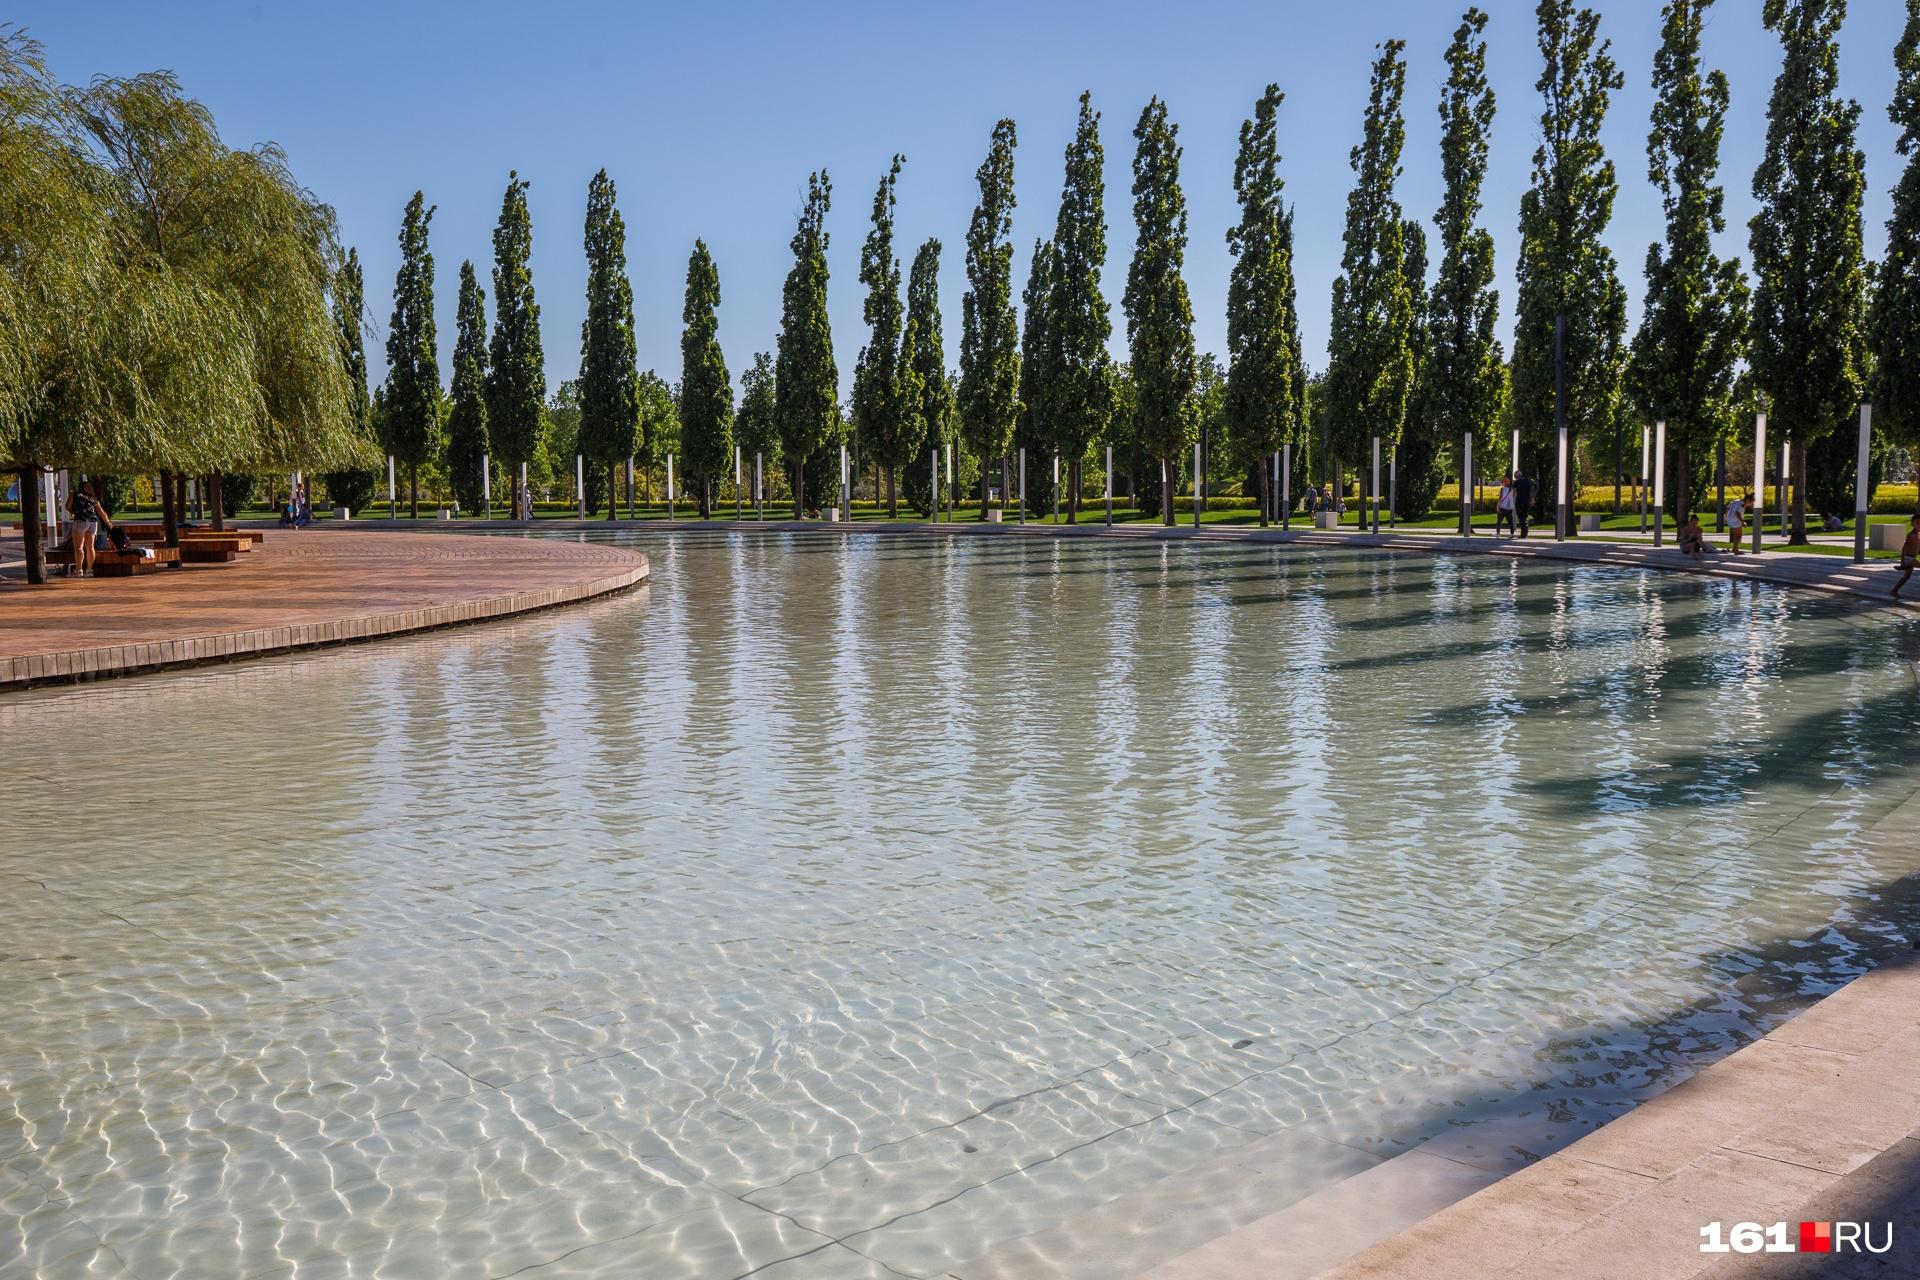 В парке очень много водоемов, что спасает горожан в жаркую погоду. В некоторых прудах живут рыбы<br>